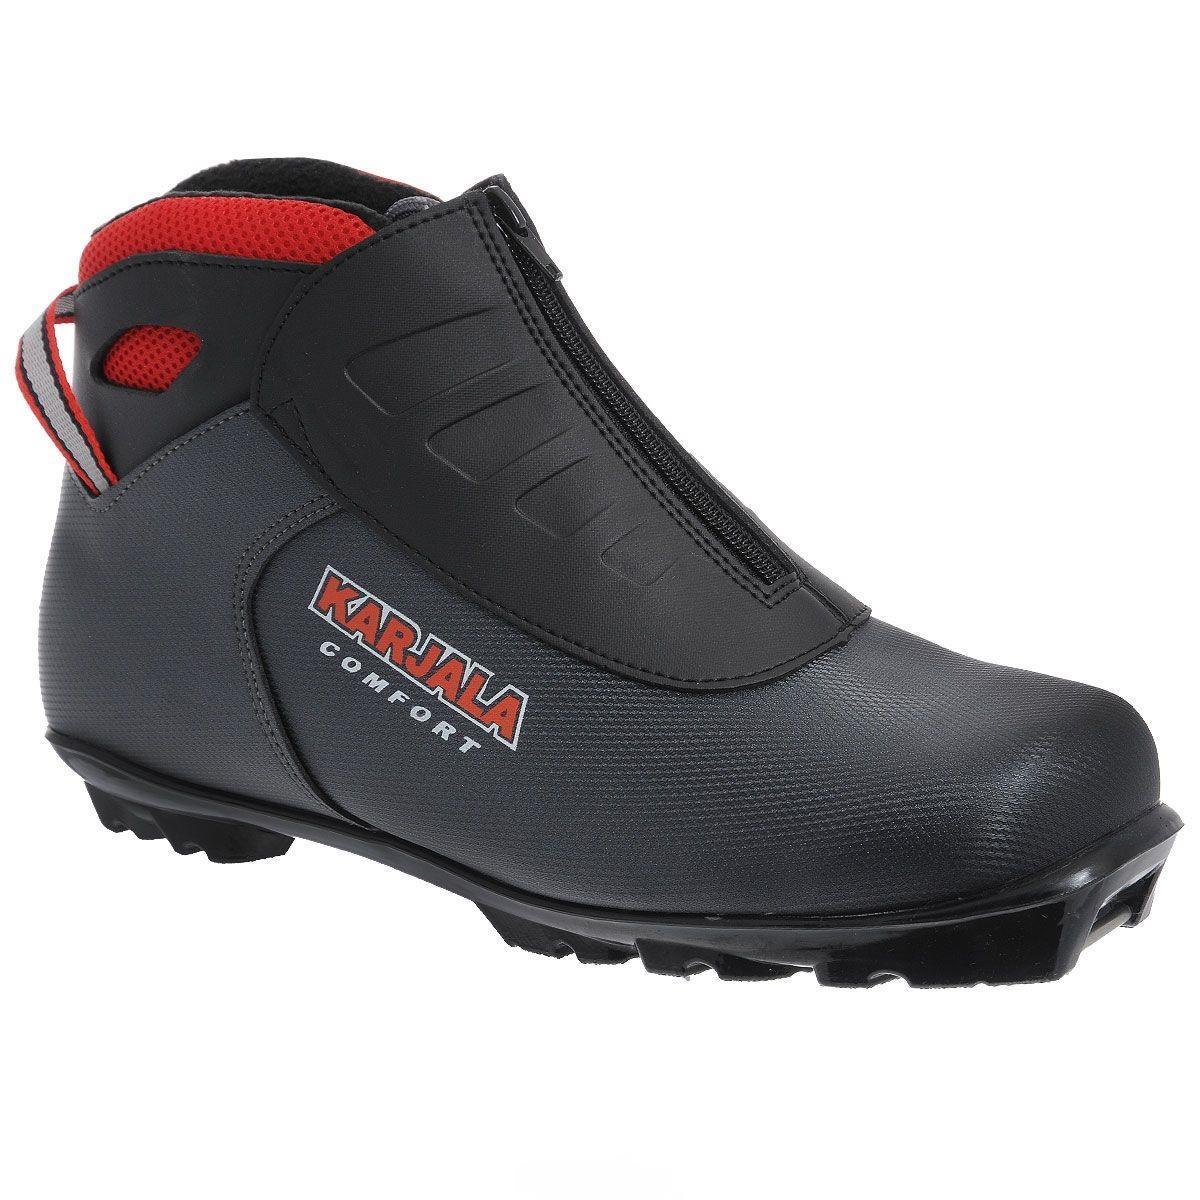 Ботинки для беговых лыж Karjala Comfort NNN, искусственная кожа, цвет: серый. Размер 38